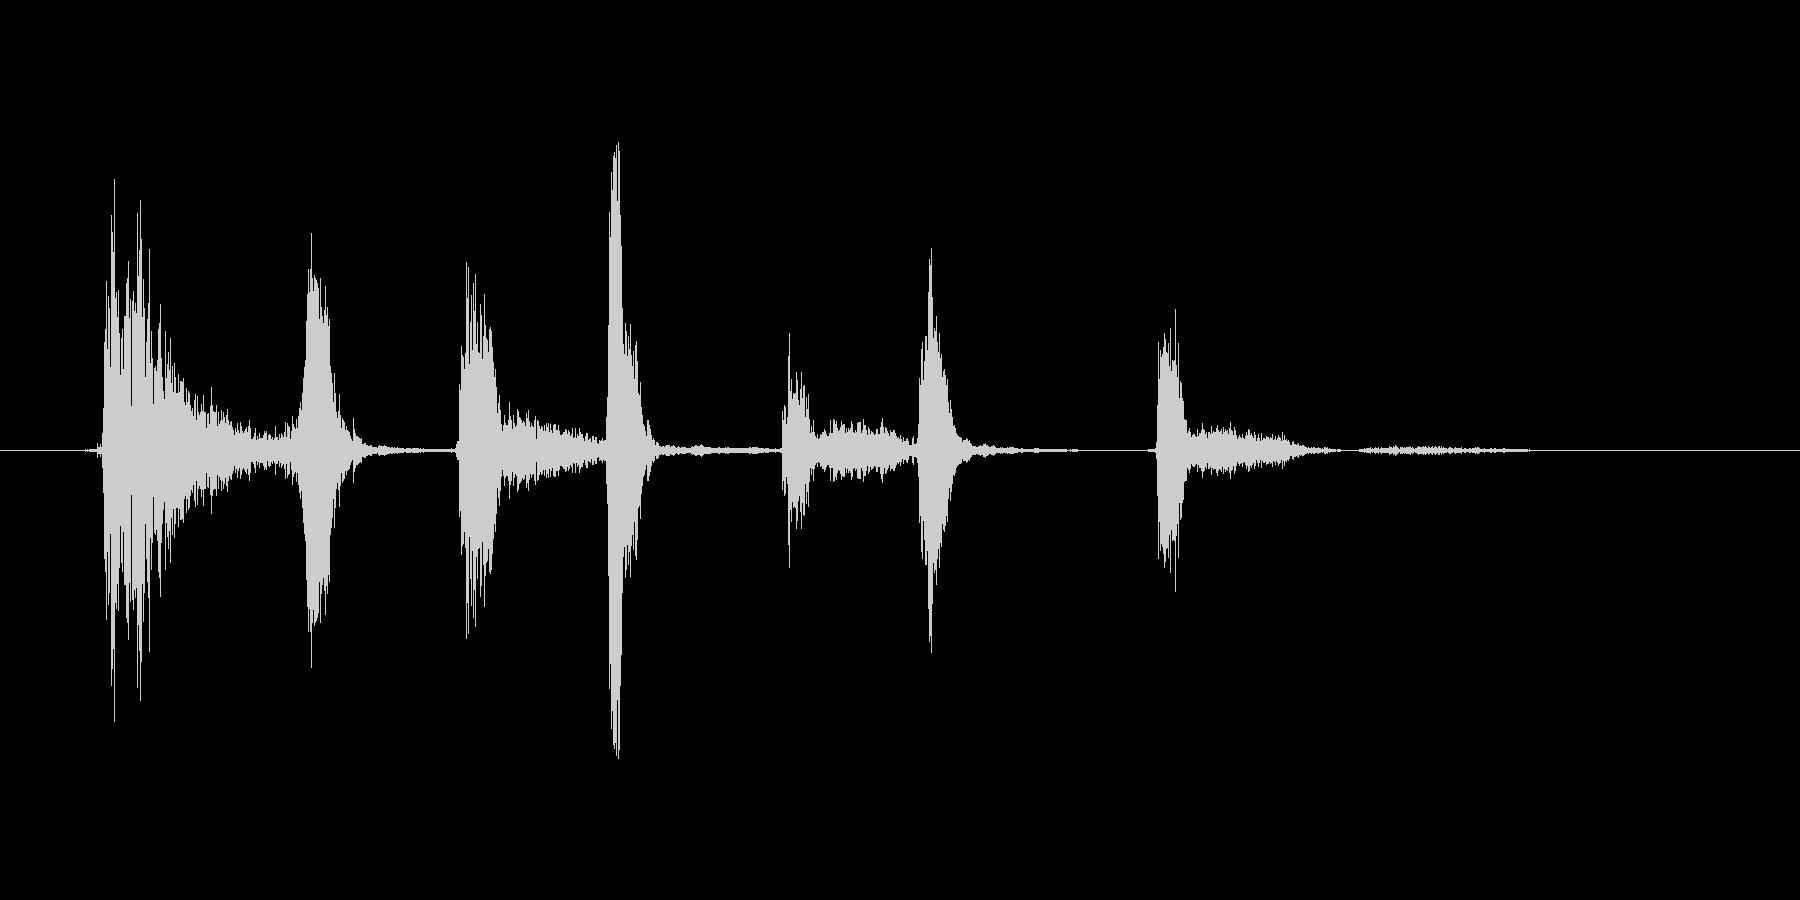 (長い咳)の未再生の波形